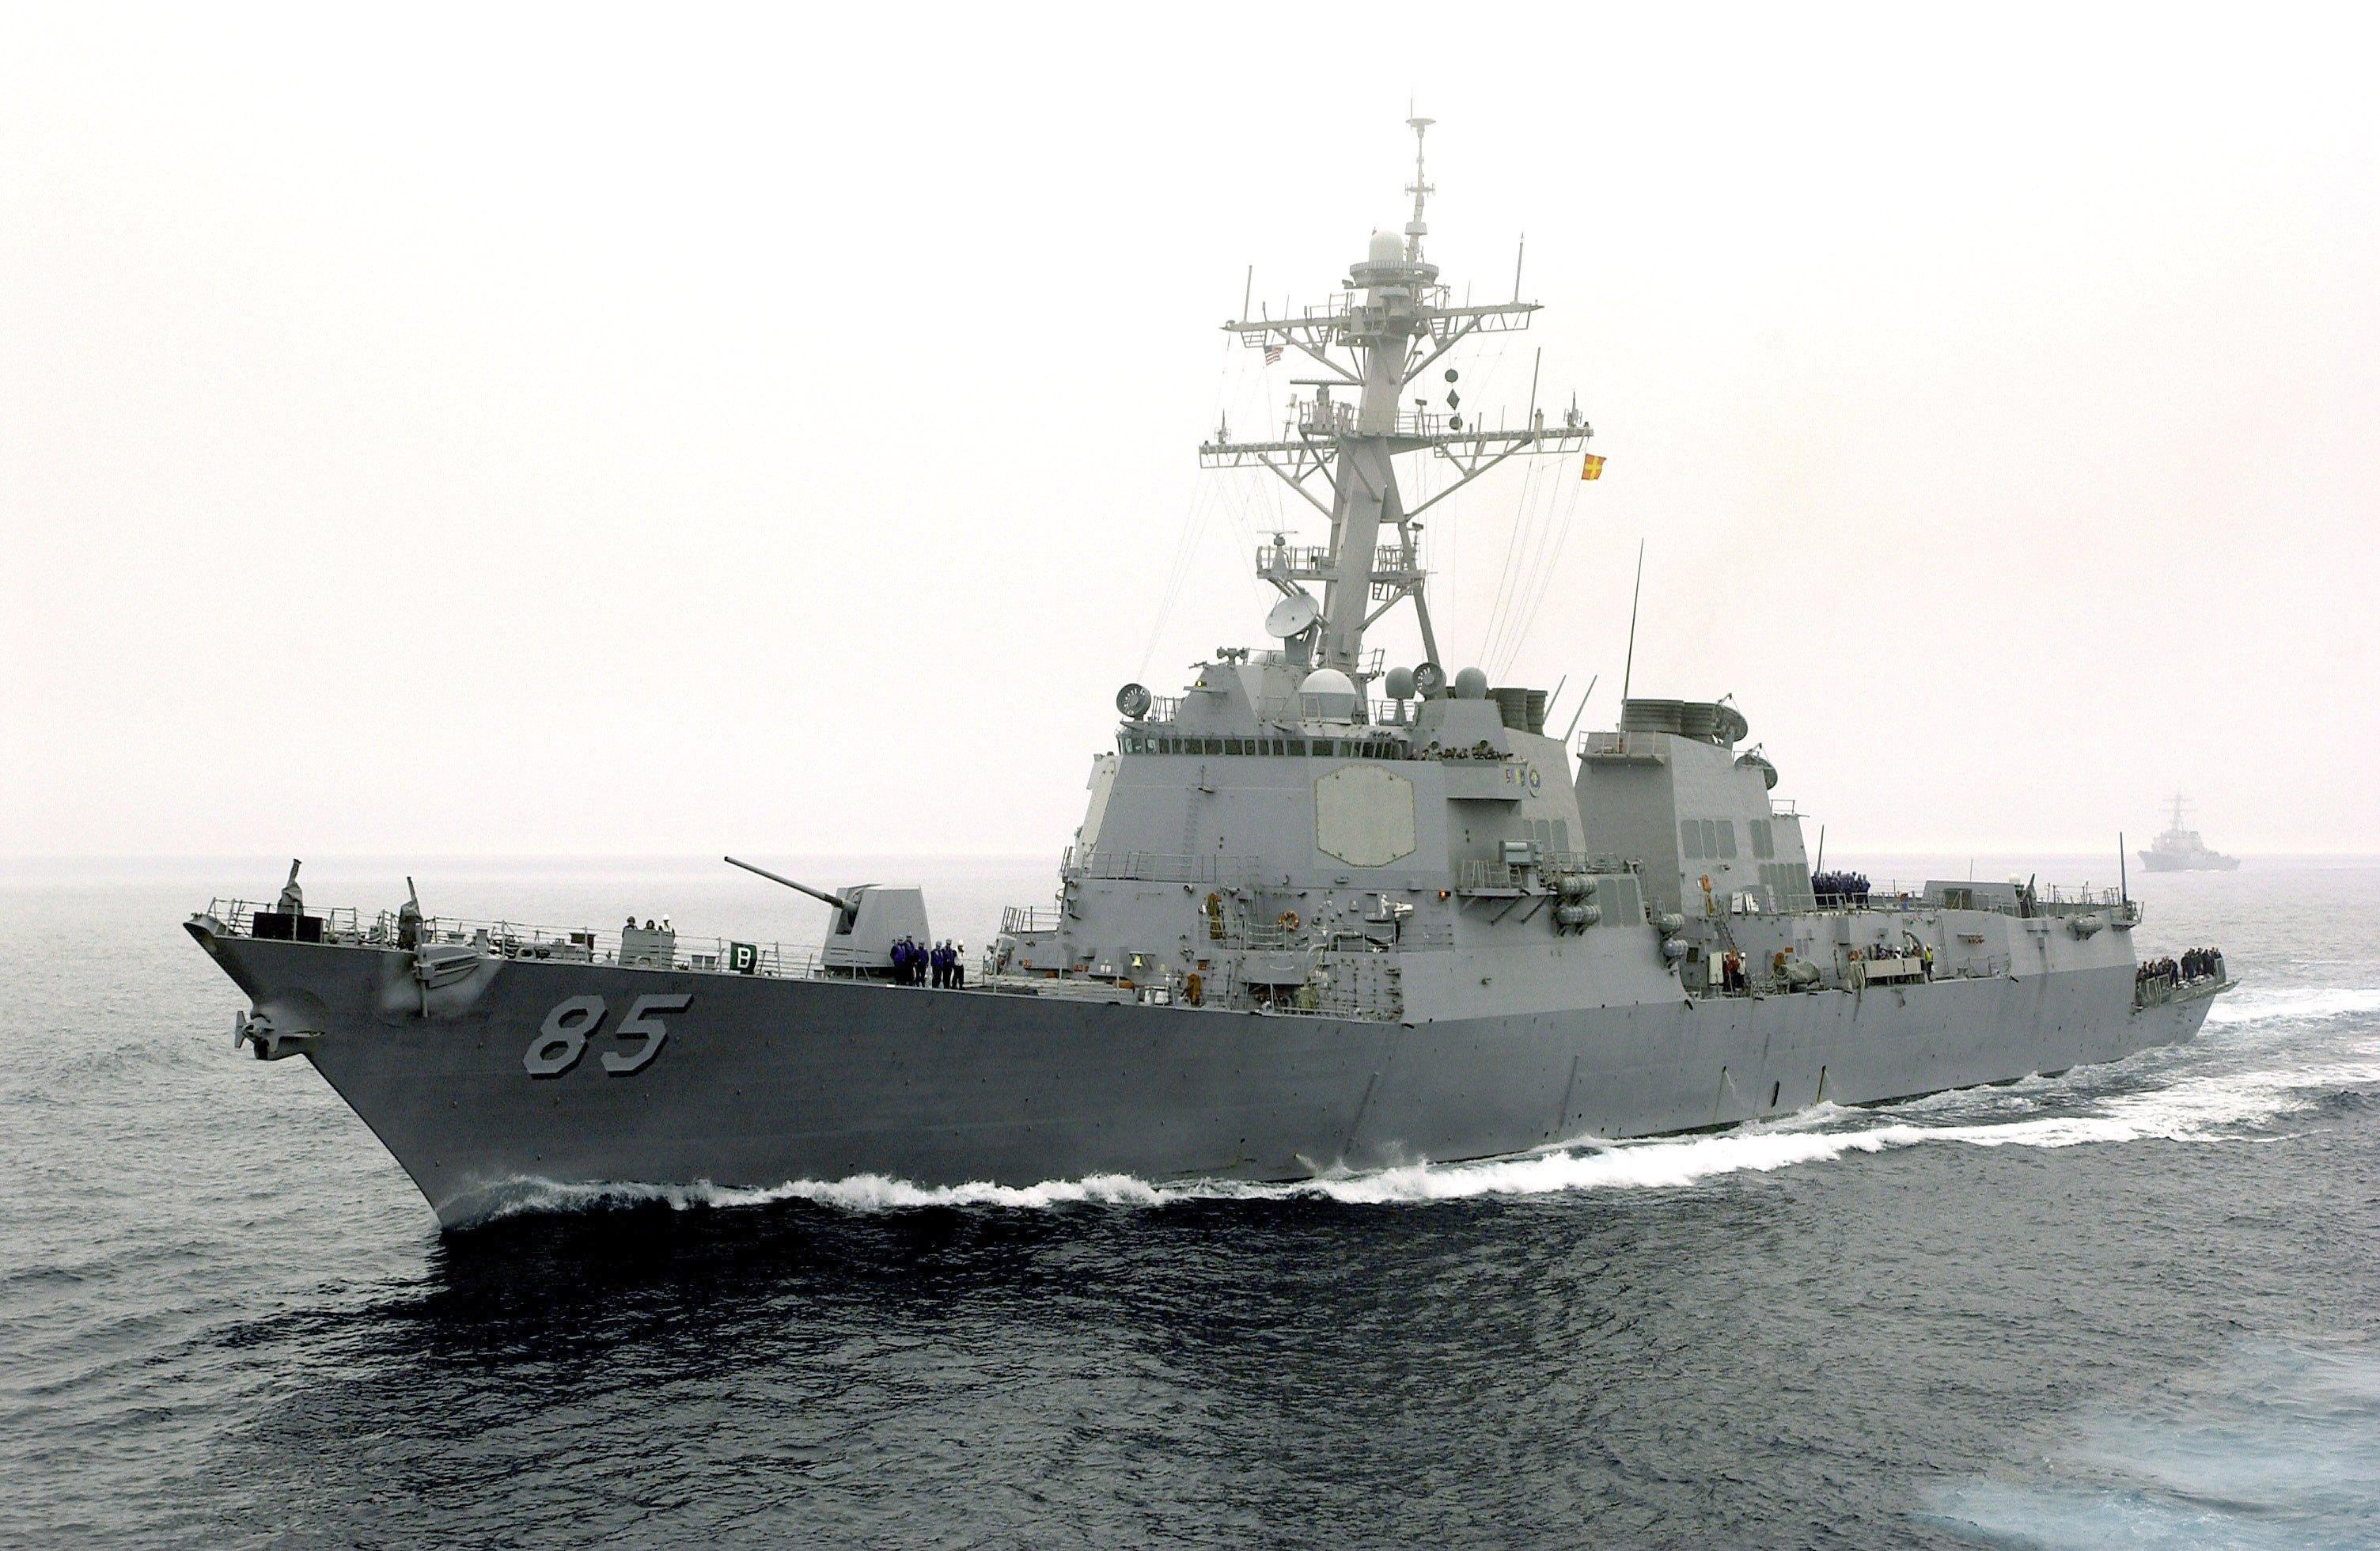 美艦駛入彼得大帝灣 鄰近俄太平洋艦隊基地